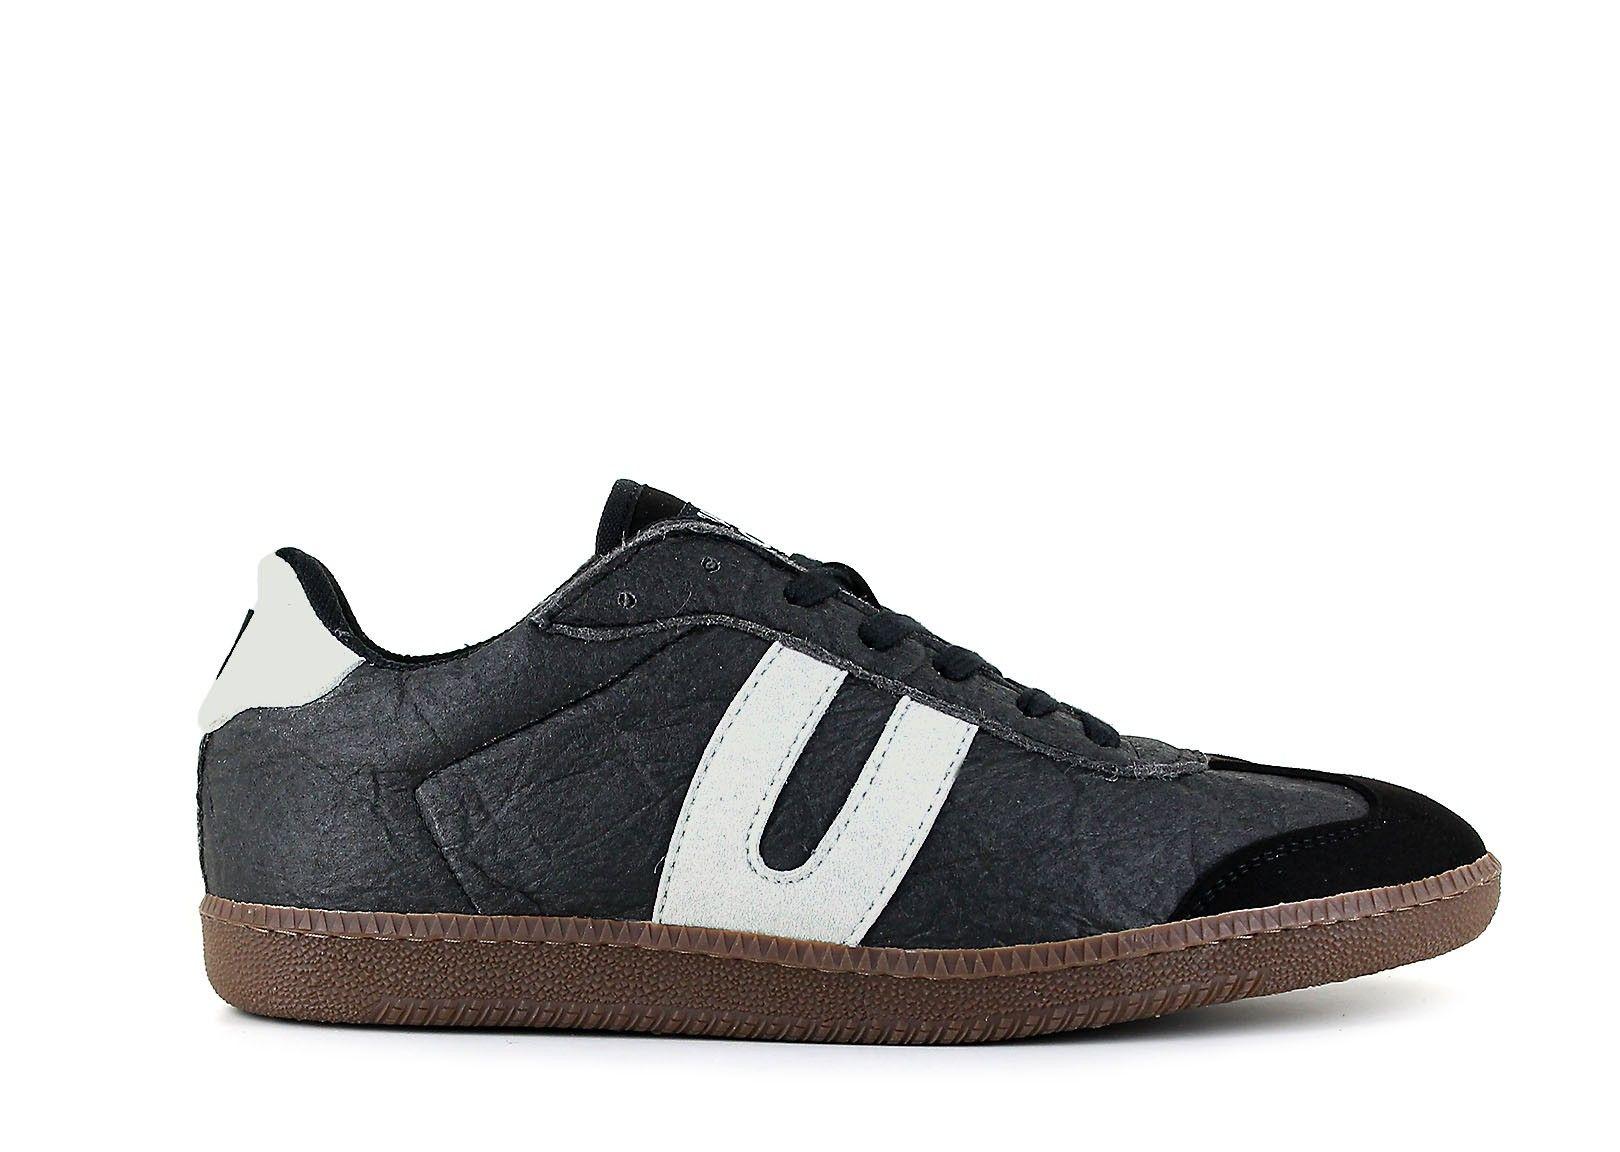 Shoes Vegan Blackpinatex Pineapple Cheatah SneakerVegetarian Rq34Lc5Aj